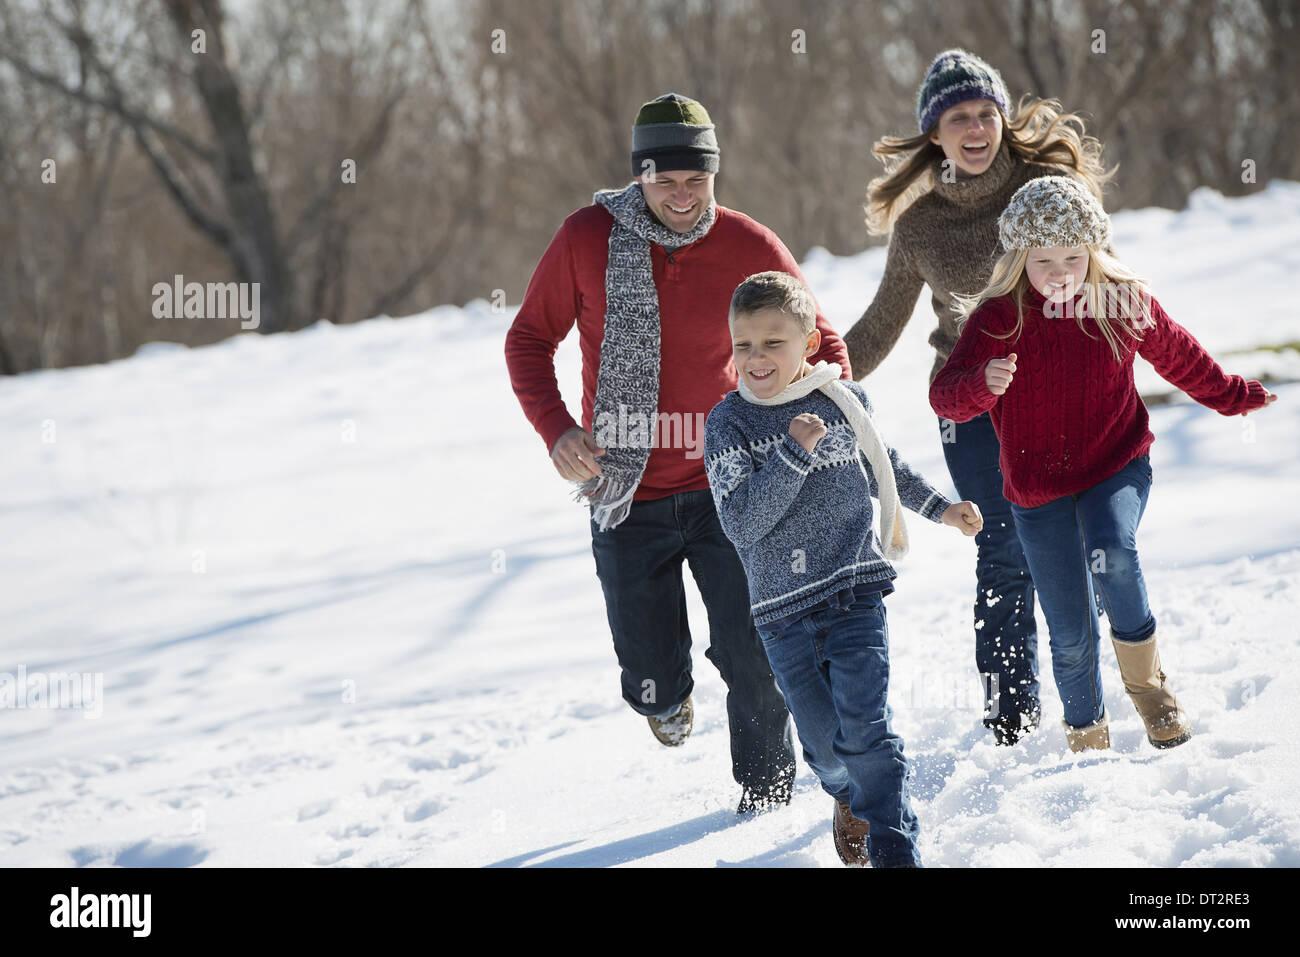 Paisaje invernal con nieve en el suelo paseo en familia dos adultos persiguiendo a dos niños Imagen De Stock